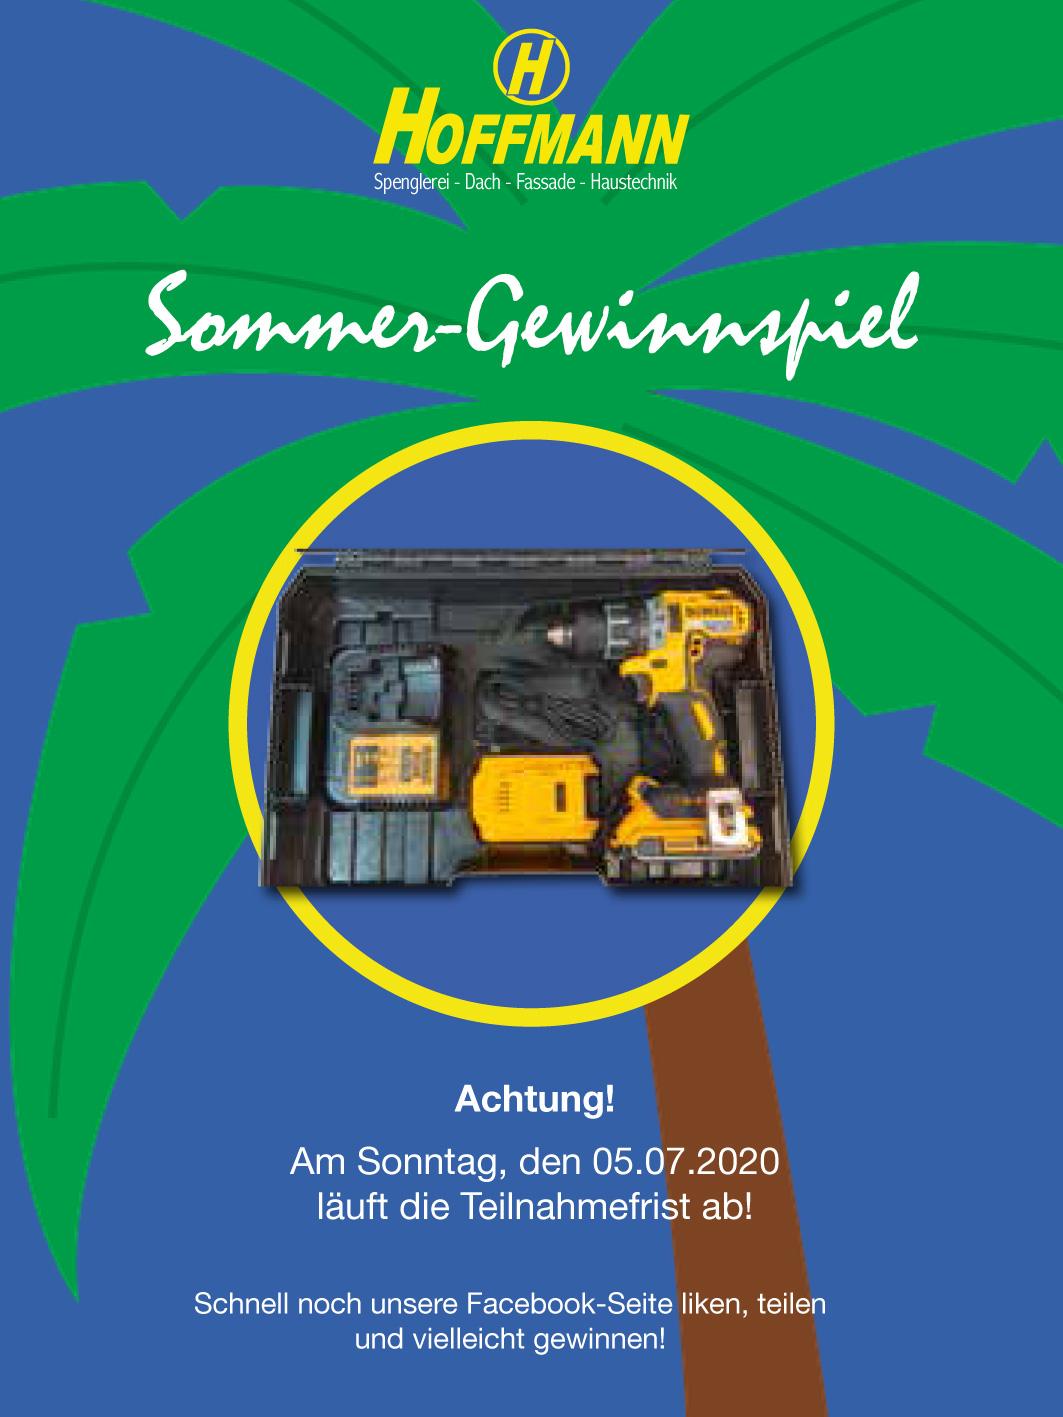 Sommer-Gewinnspiel bei Hoffmann Firmengruppe! Achtung! Am Sonntag, den 05.07.2020 läuft die Teilnahmefrist ab!